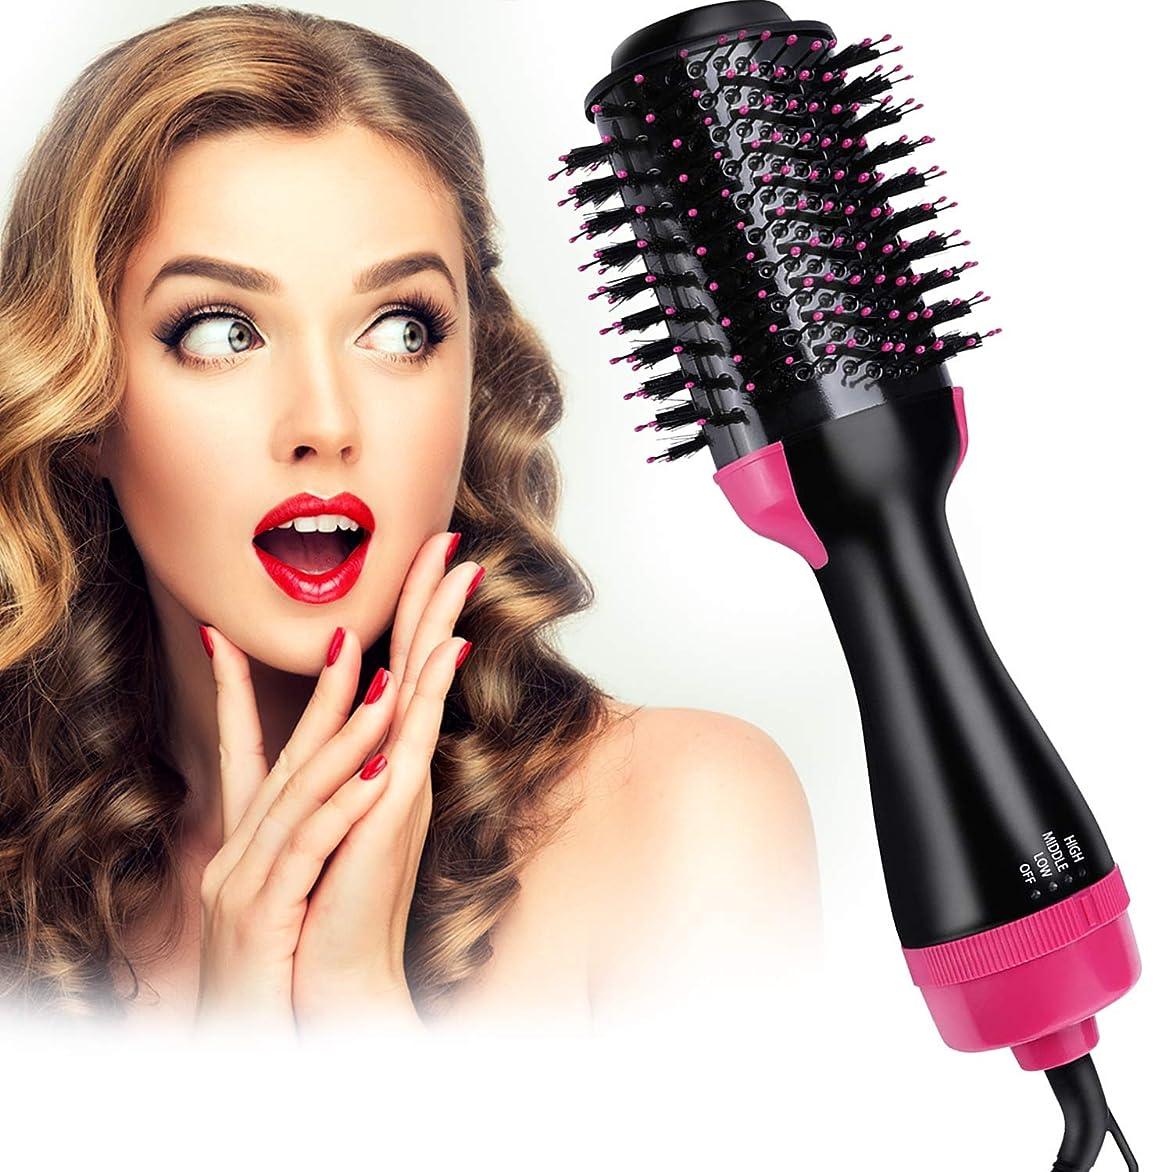 ディスパッチイライラするかなりワンステップヘアドライヤー電熱ブラシヘアドライヤー ブラシ 多機能 プロのサロンスタイ ヘアスタイラーツール マイナスイオン 360° 自動回転 静電防止 毛髪防止 機能